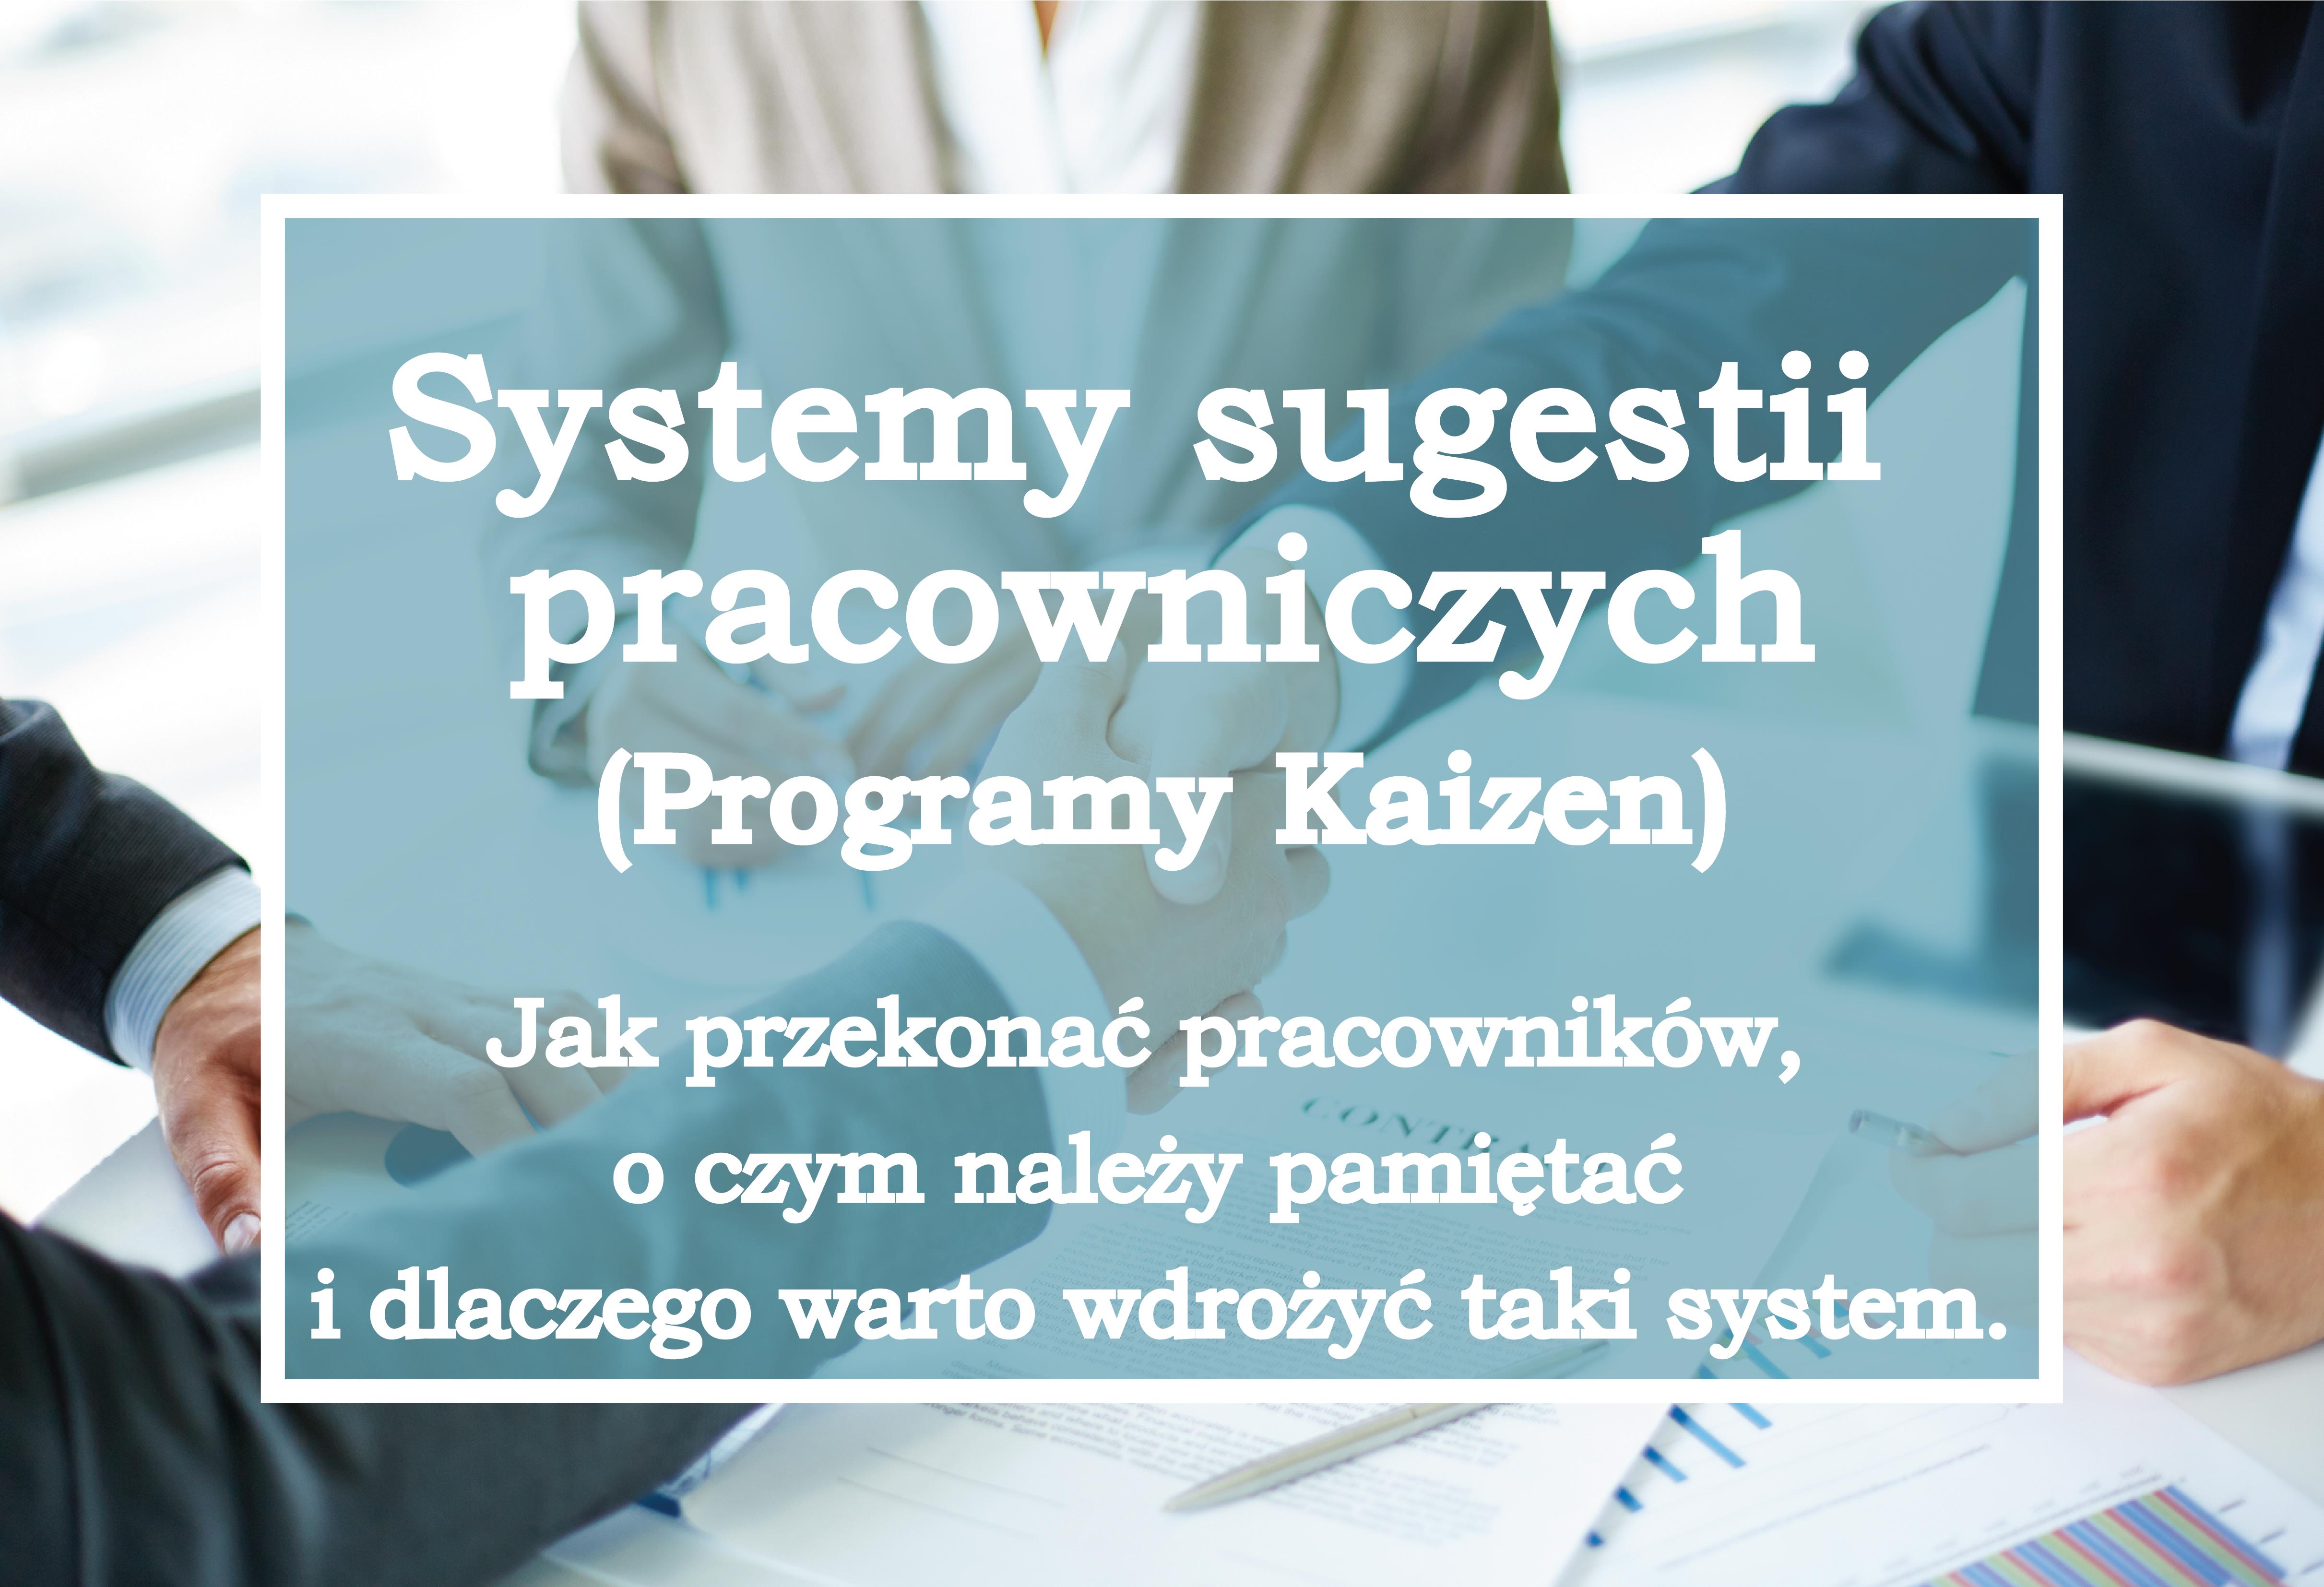 Dlaczego warto wdrożyć system Kaizen